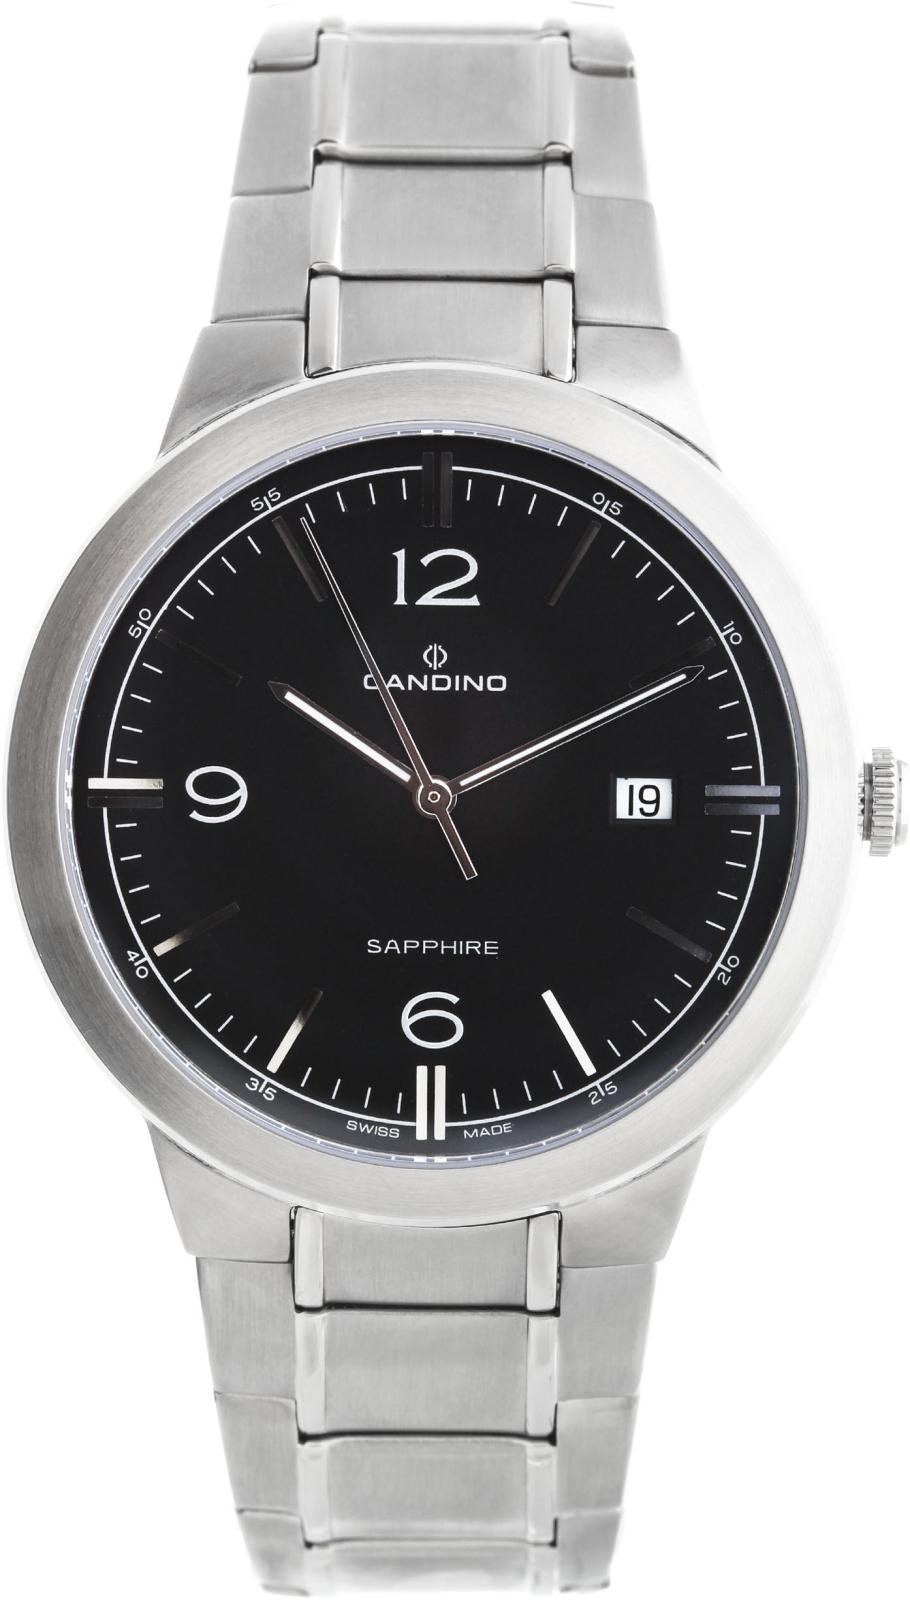 Candino Elegance C4510/4Наручные часы<br>Швейцарские часы Candino Elegance C4510/4<br><br>Пол: Мужские<br>Страна-производитель: Швейцария<br>Механизм: Кварцевый<br>Материал корпуса: Сталь<br>Материал ремня/браслета: Сталь<br>Водозащита, диапазон: 20 - 100 м<br>Стекло: Сапфировое<br>Толщина корпуса: None<br>Стиль: Классика